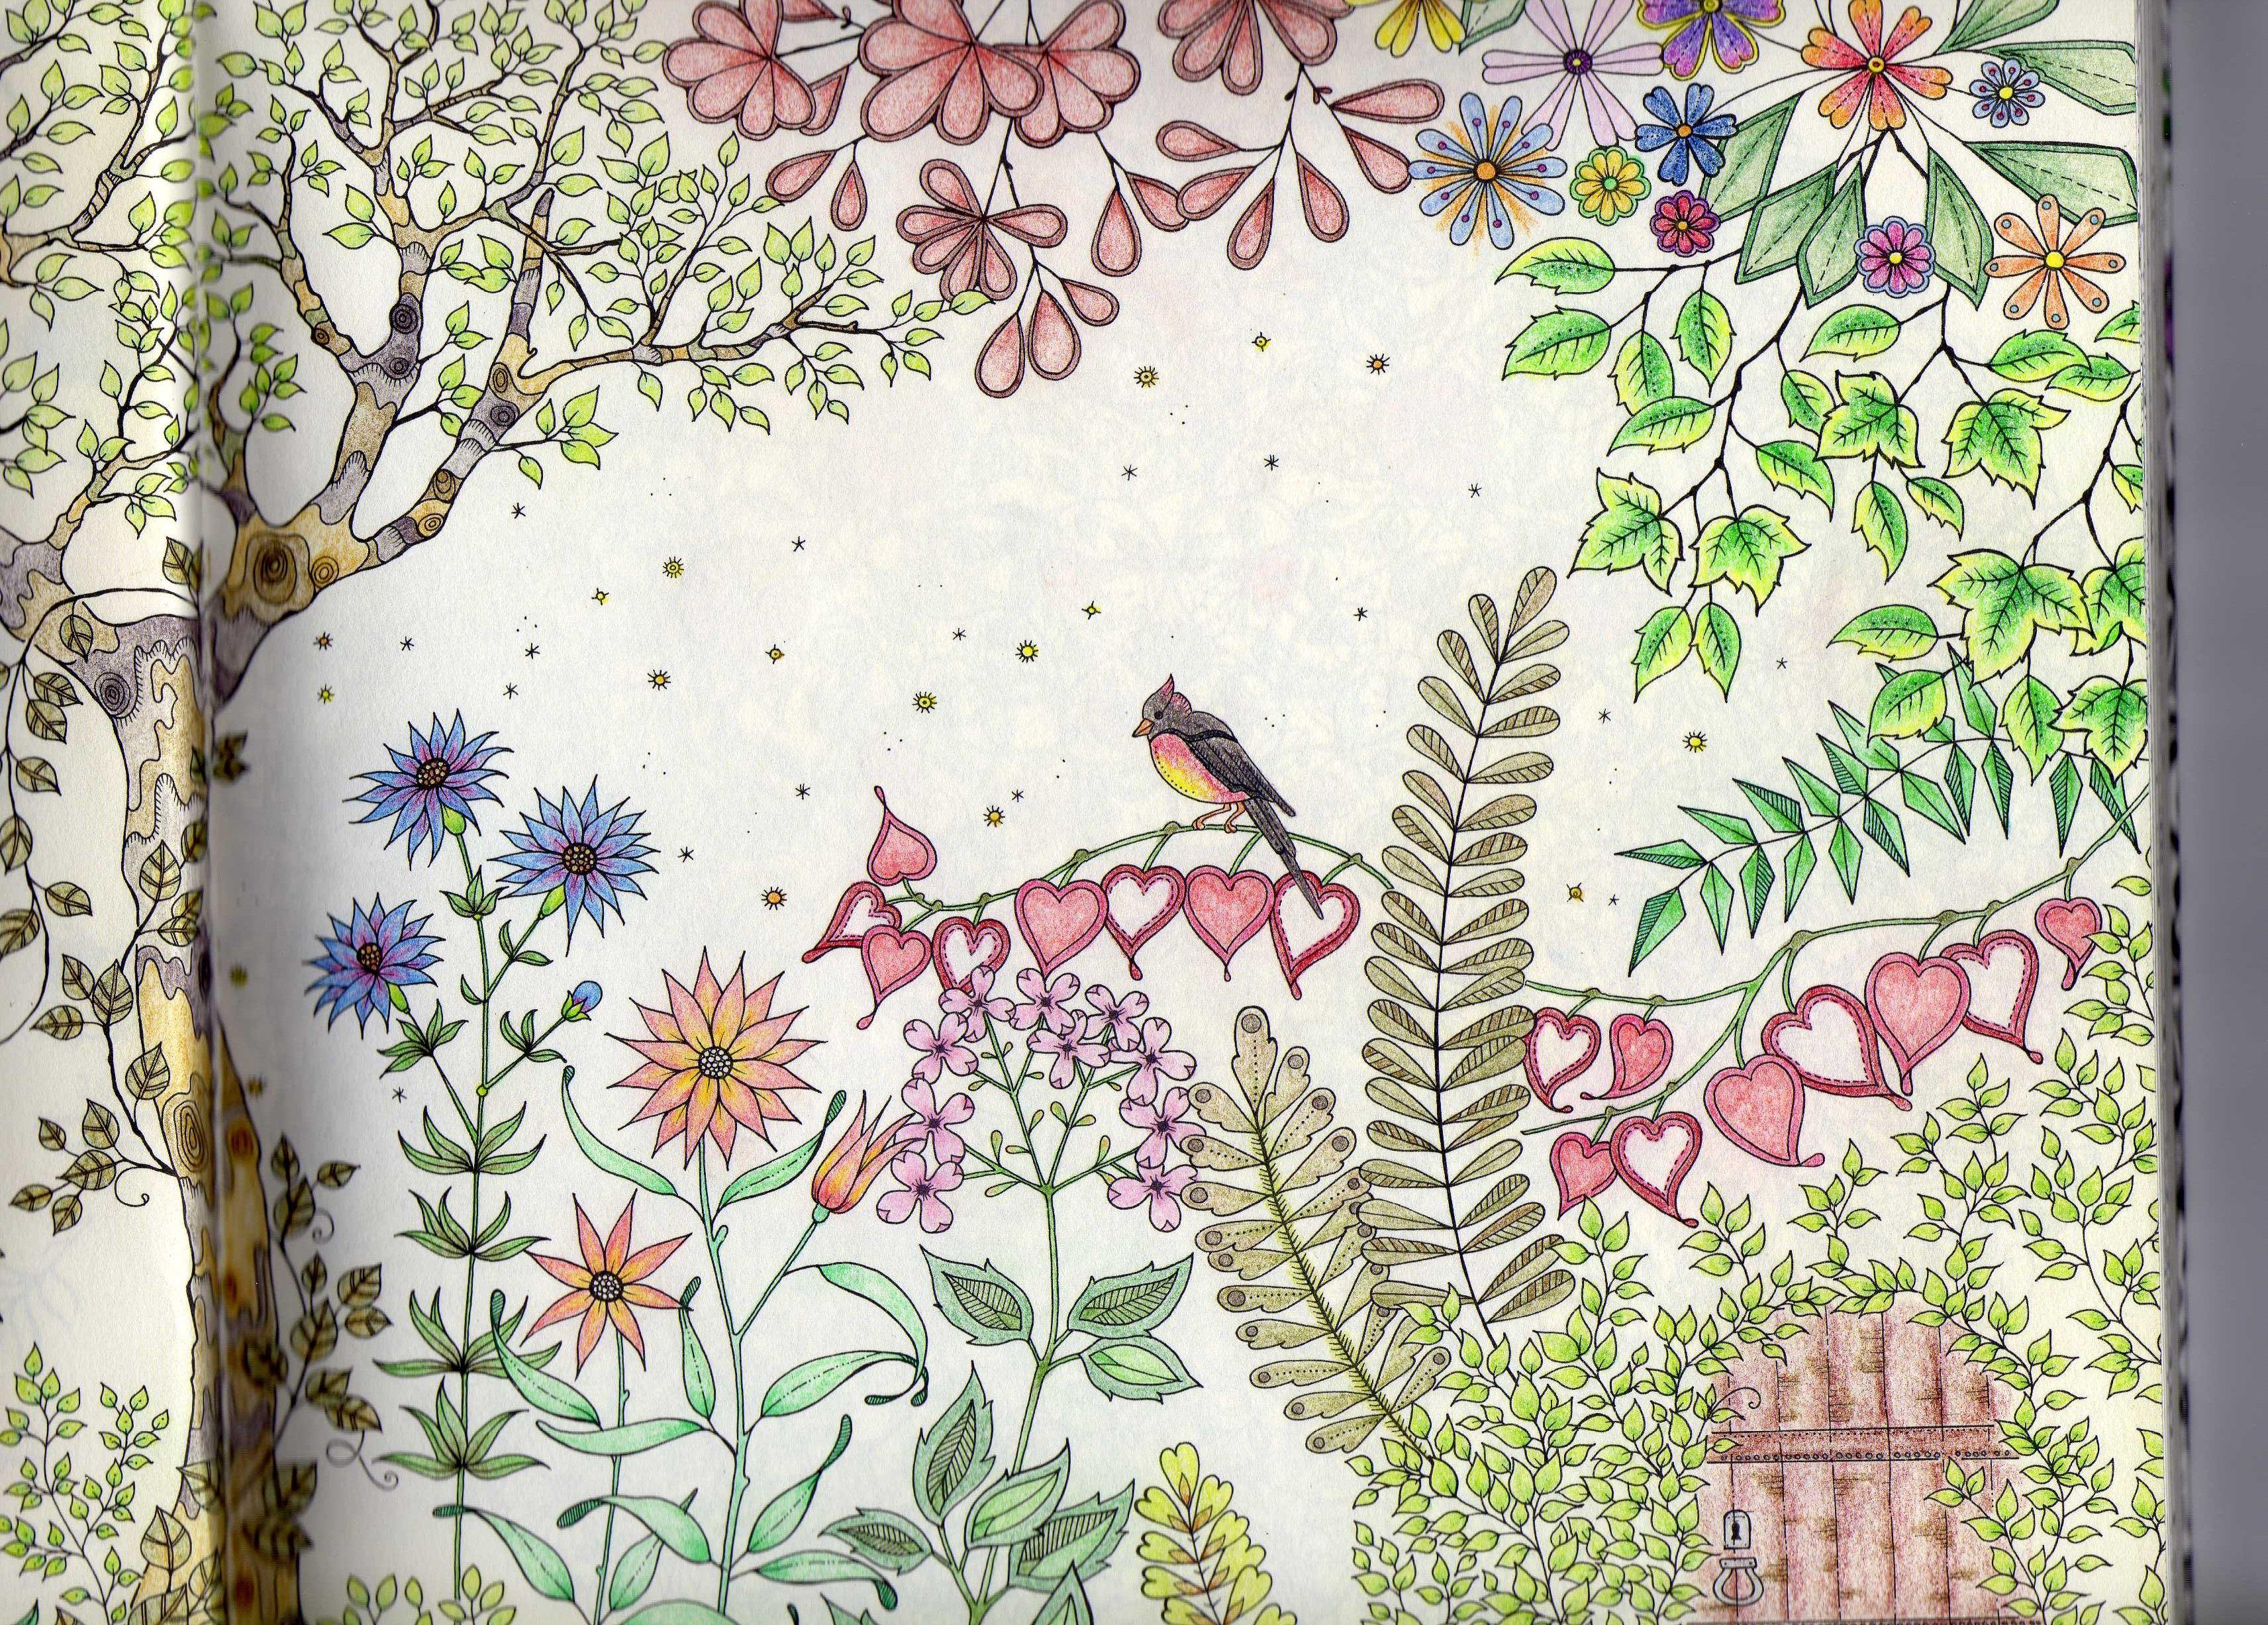 Boek de geheime tuin blz 2 mijn geheime tuin for De geheime tuin boek